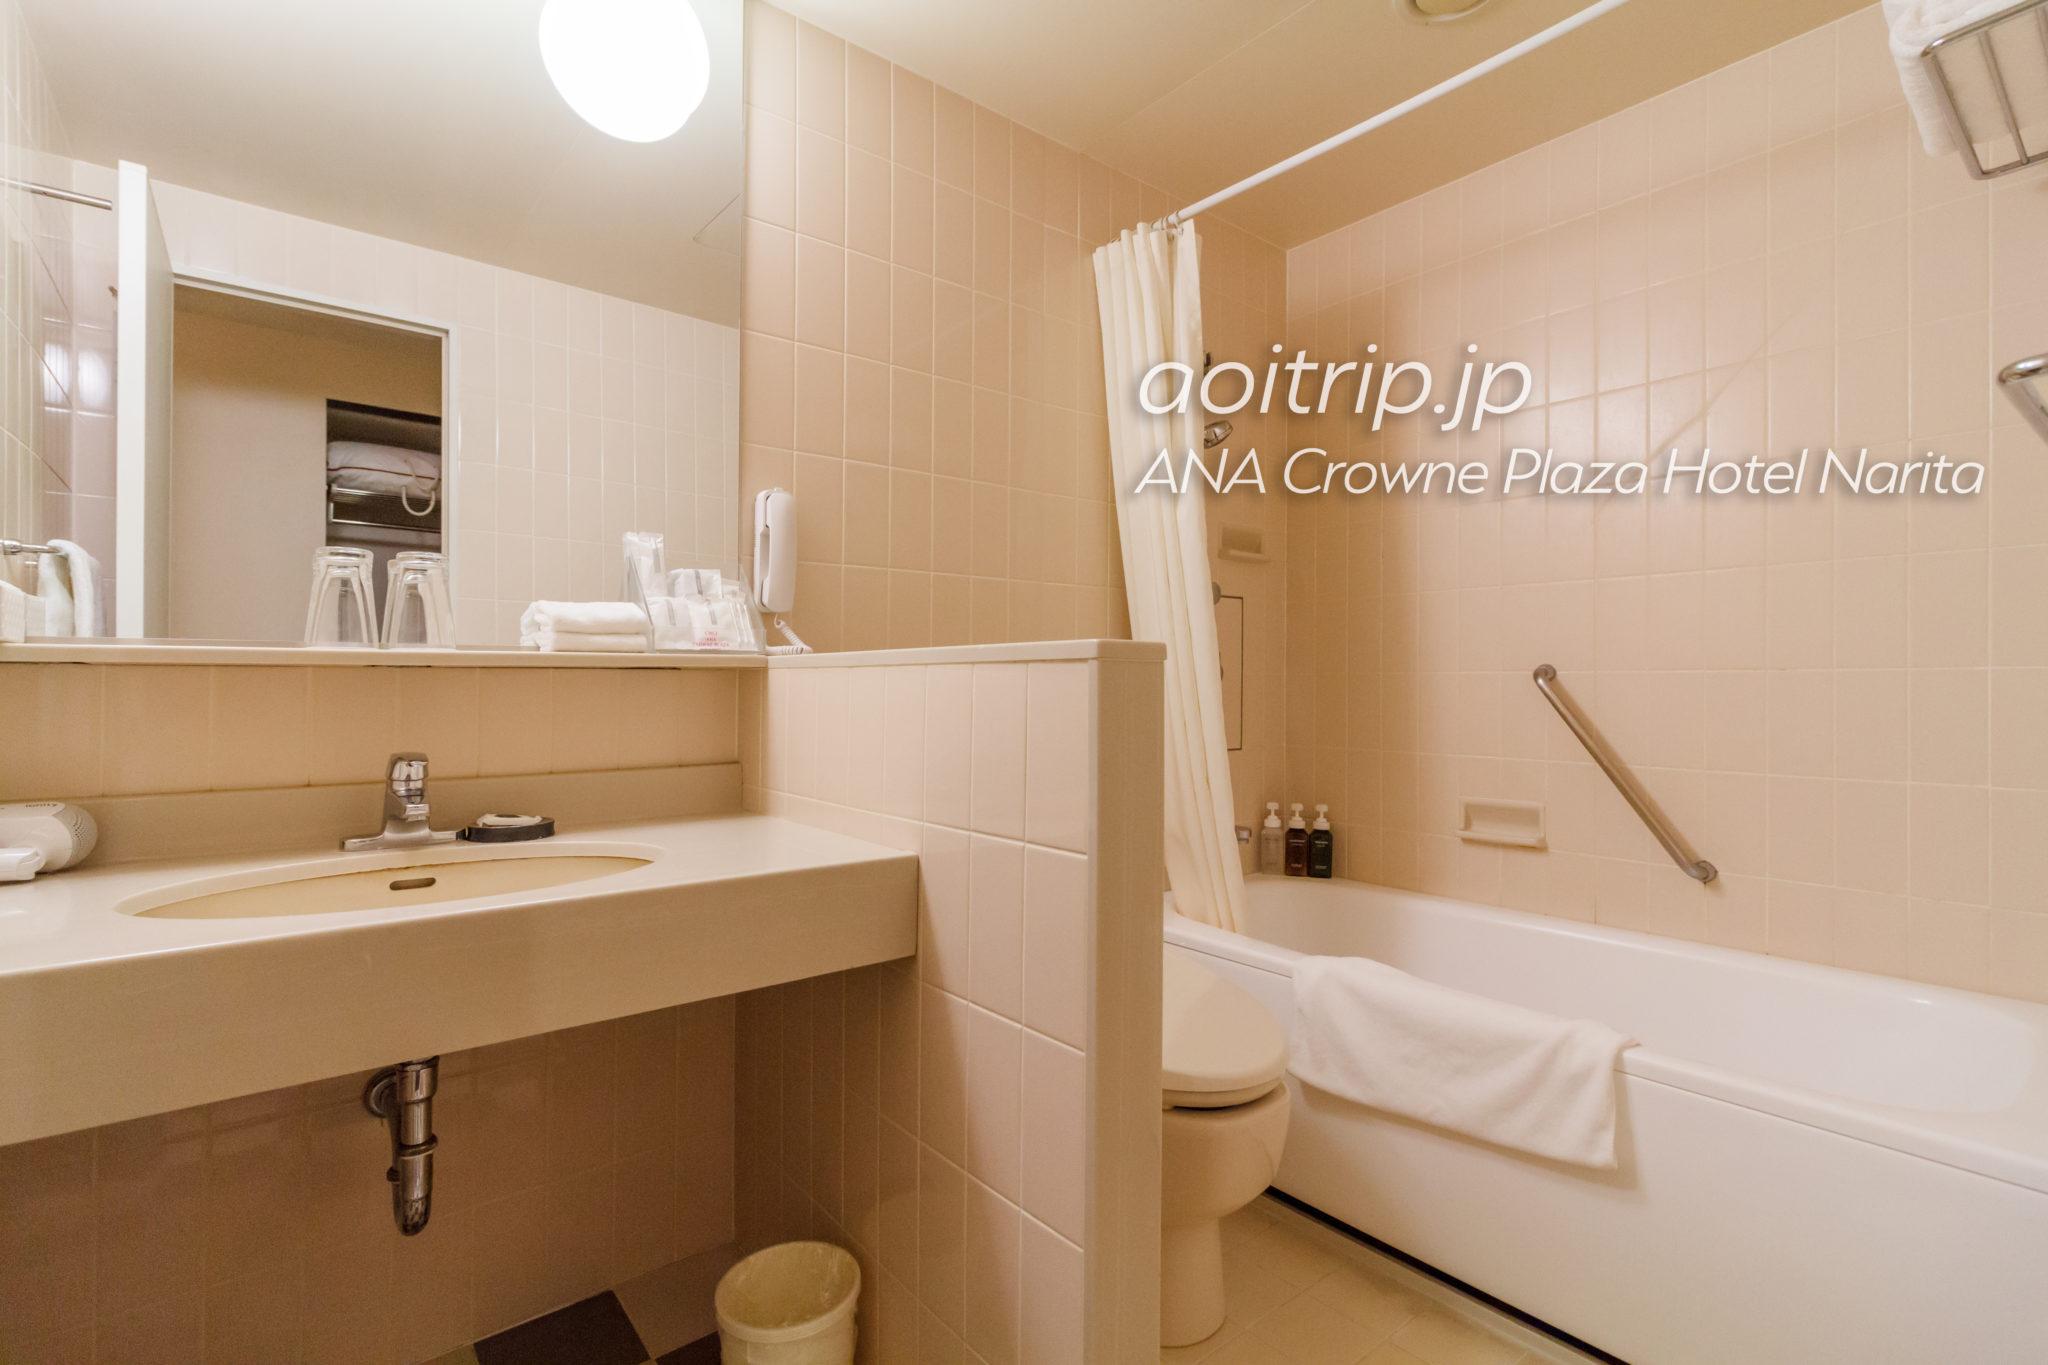 ANAクラウンプラザホテル成田のバスルーム